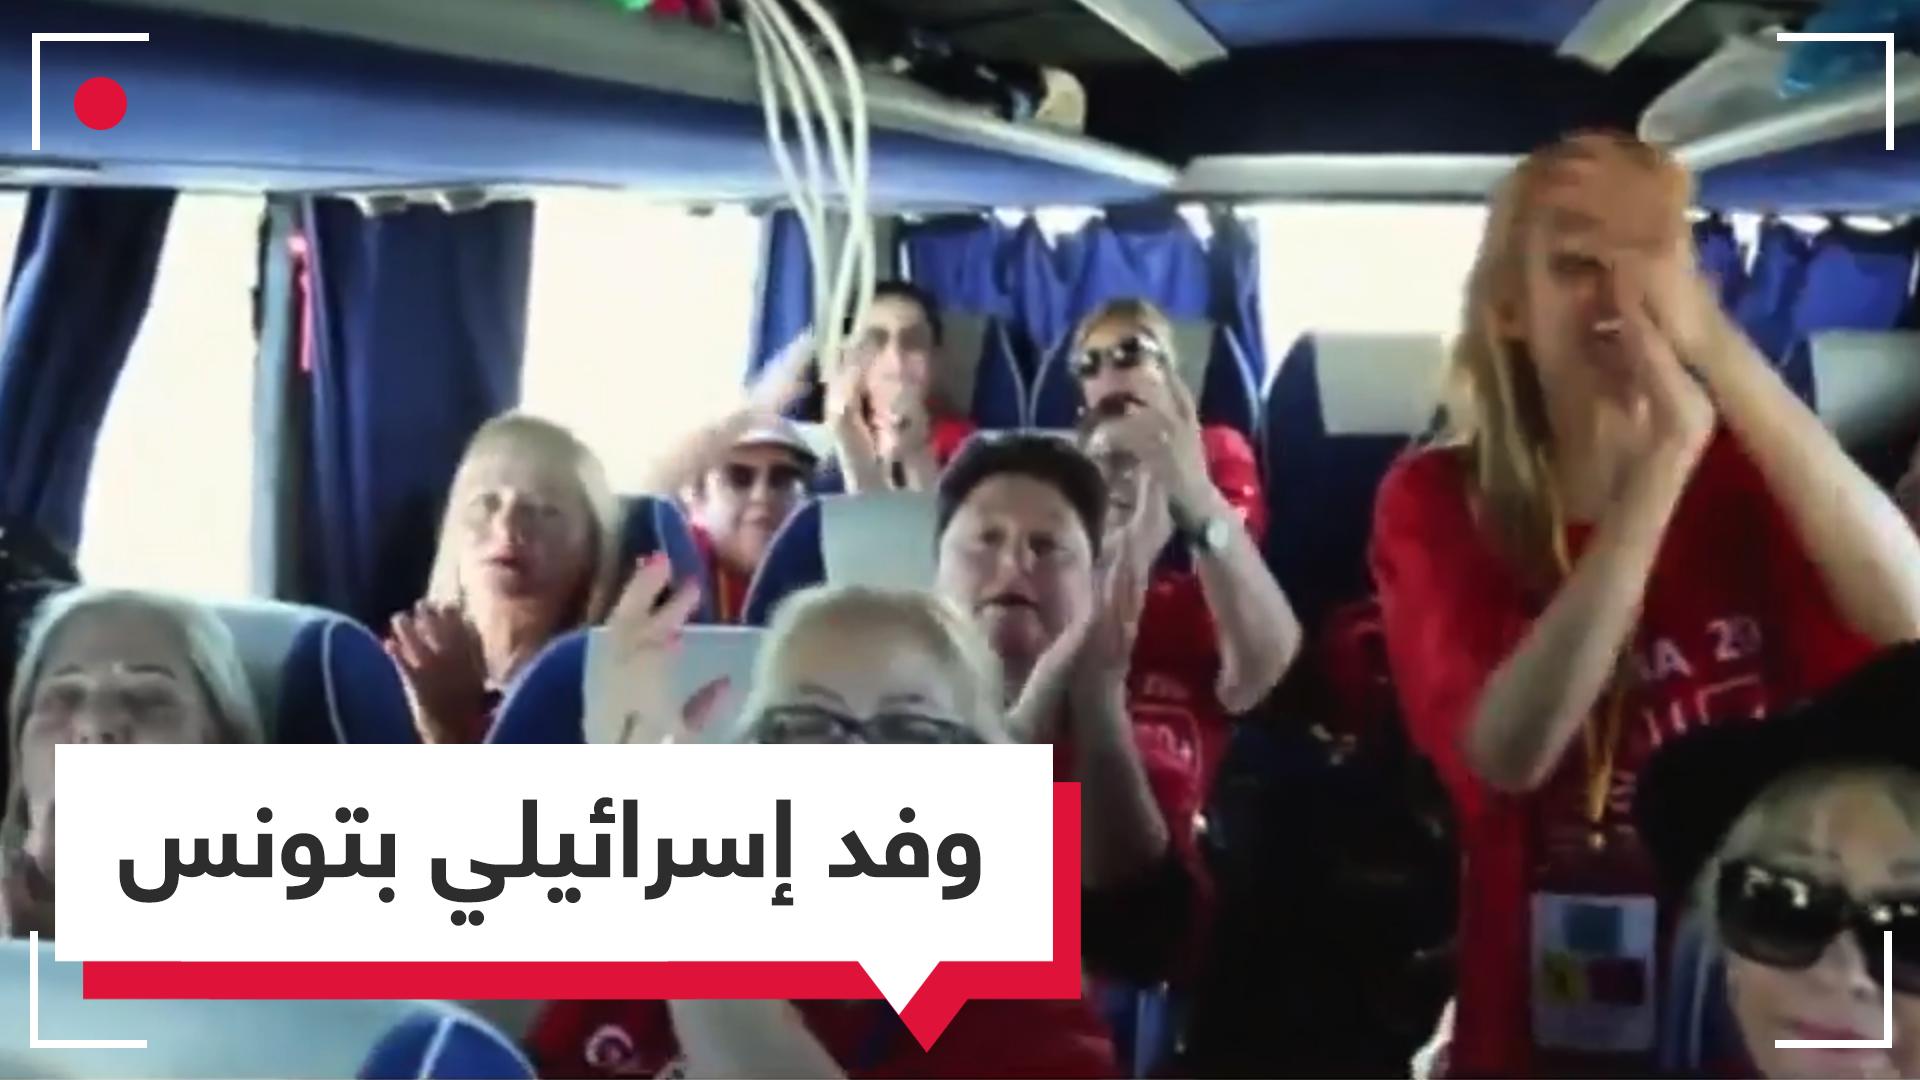 وفد إسرائيلي يزور منزل قيادي فلسطيني اغتاله الموساد بتونس؟!